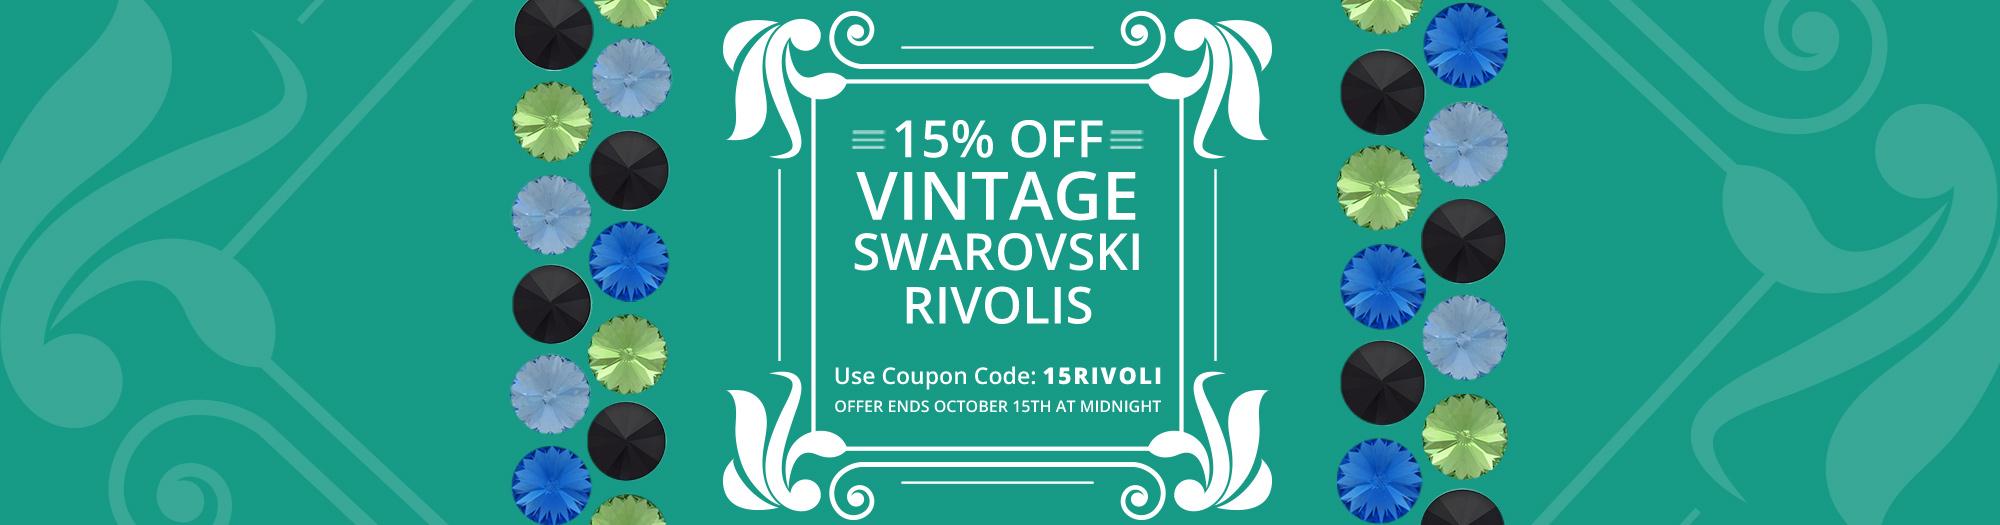 Vintage Rivolis